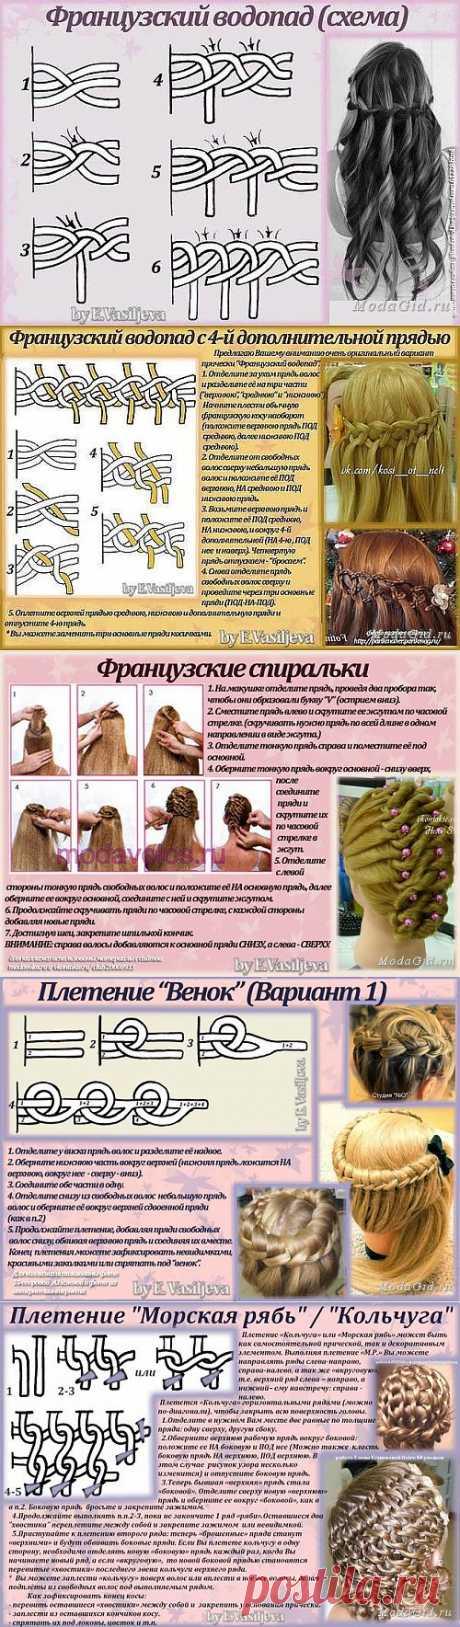 Плетение французских кос (схемы, описания).